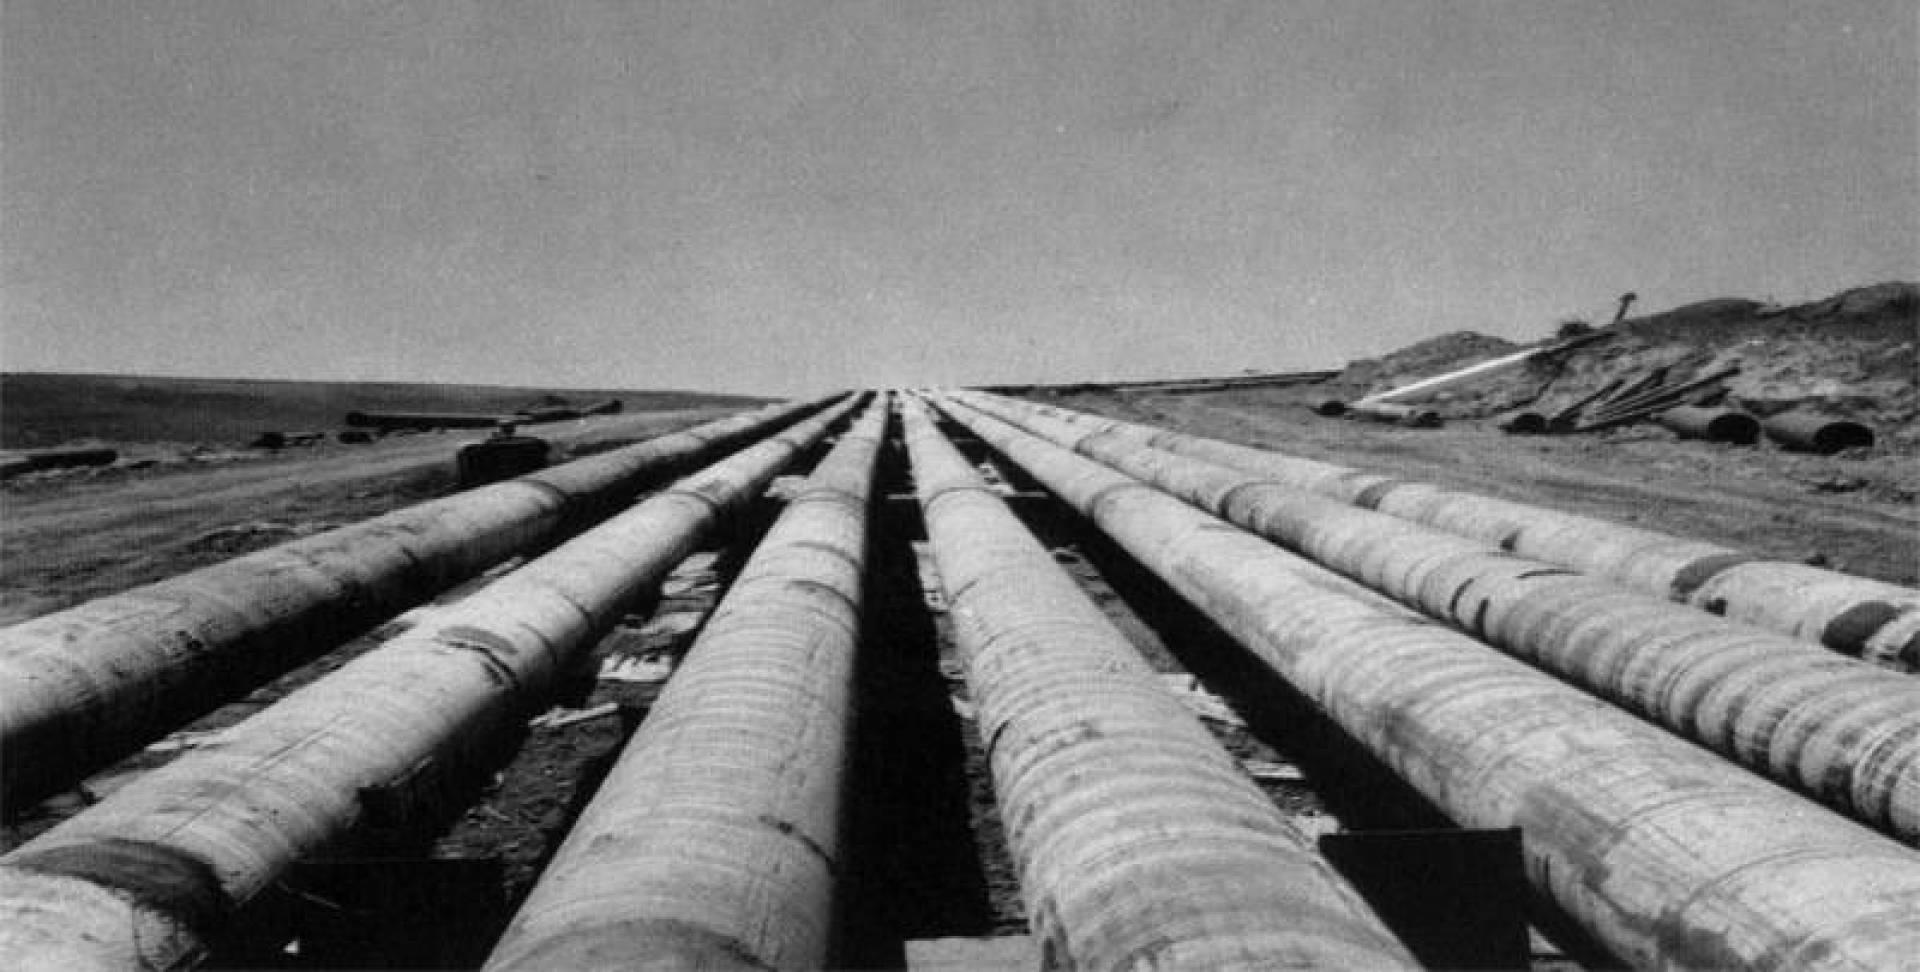 أنابيب النفط الجزائري.. أرشيفية